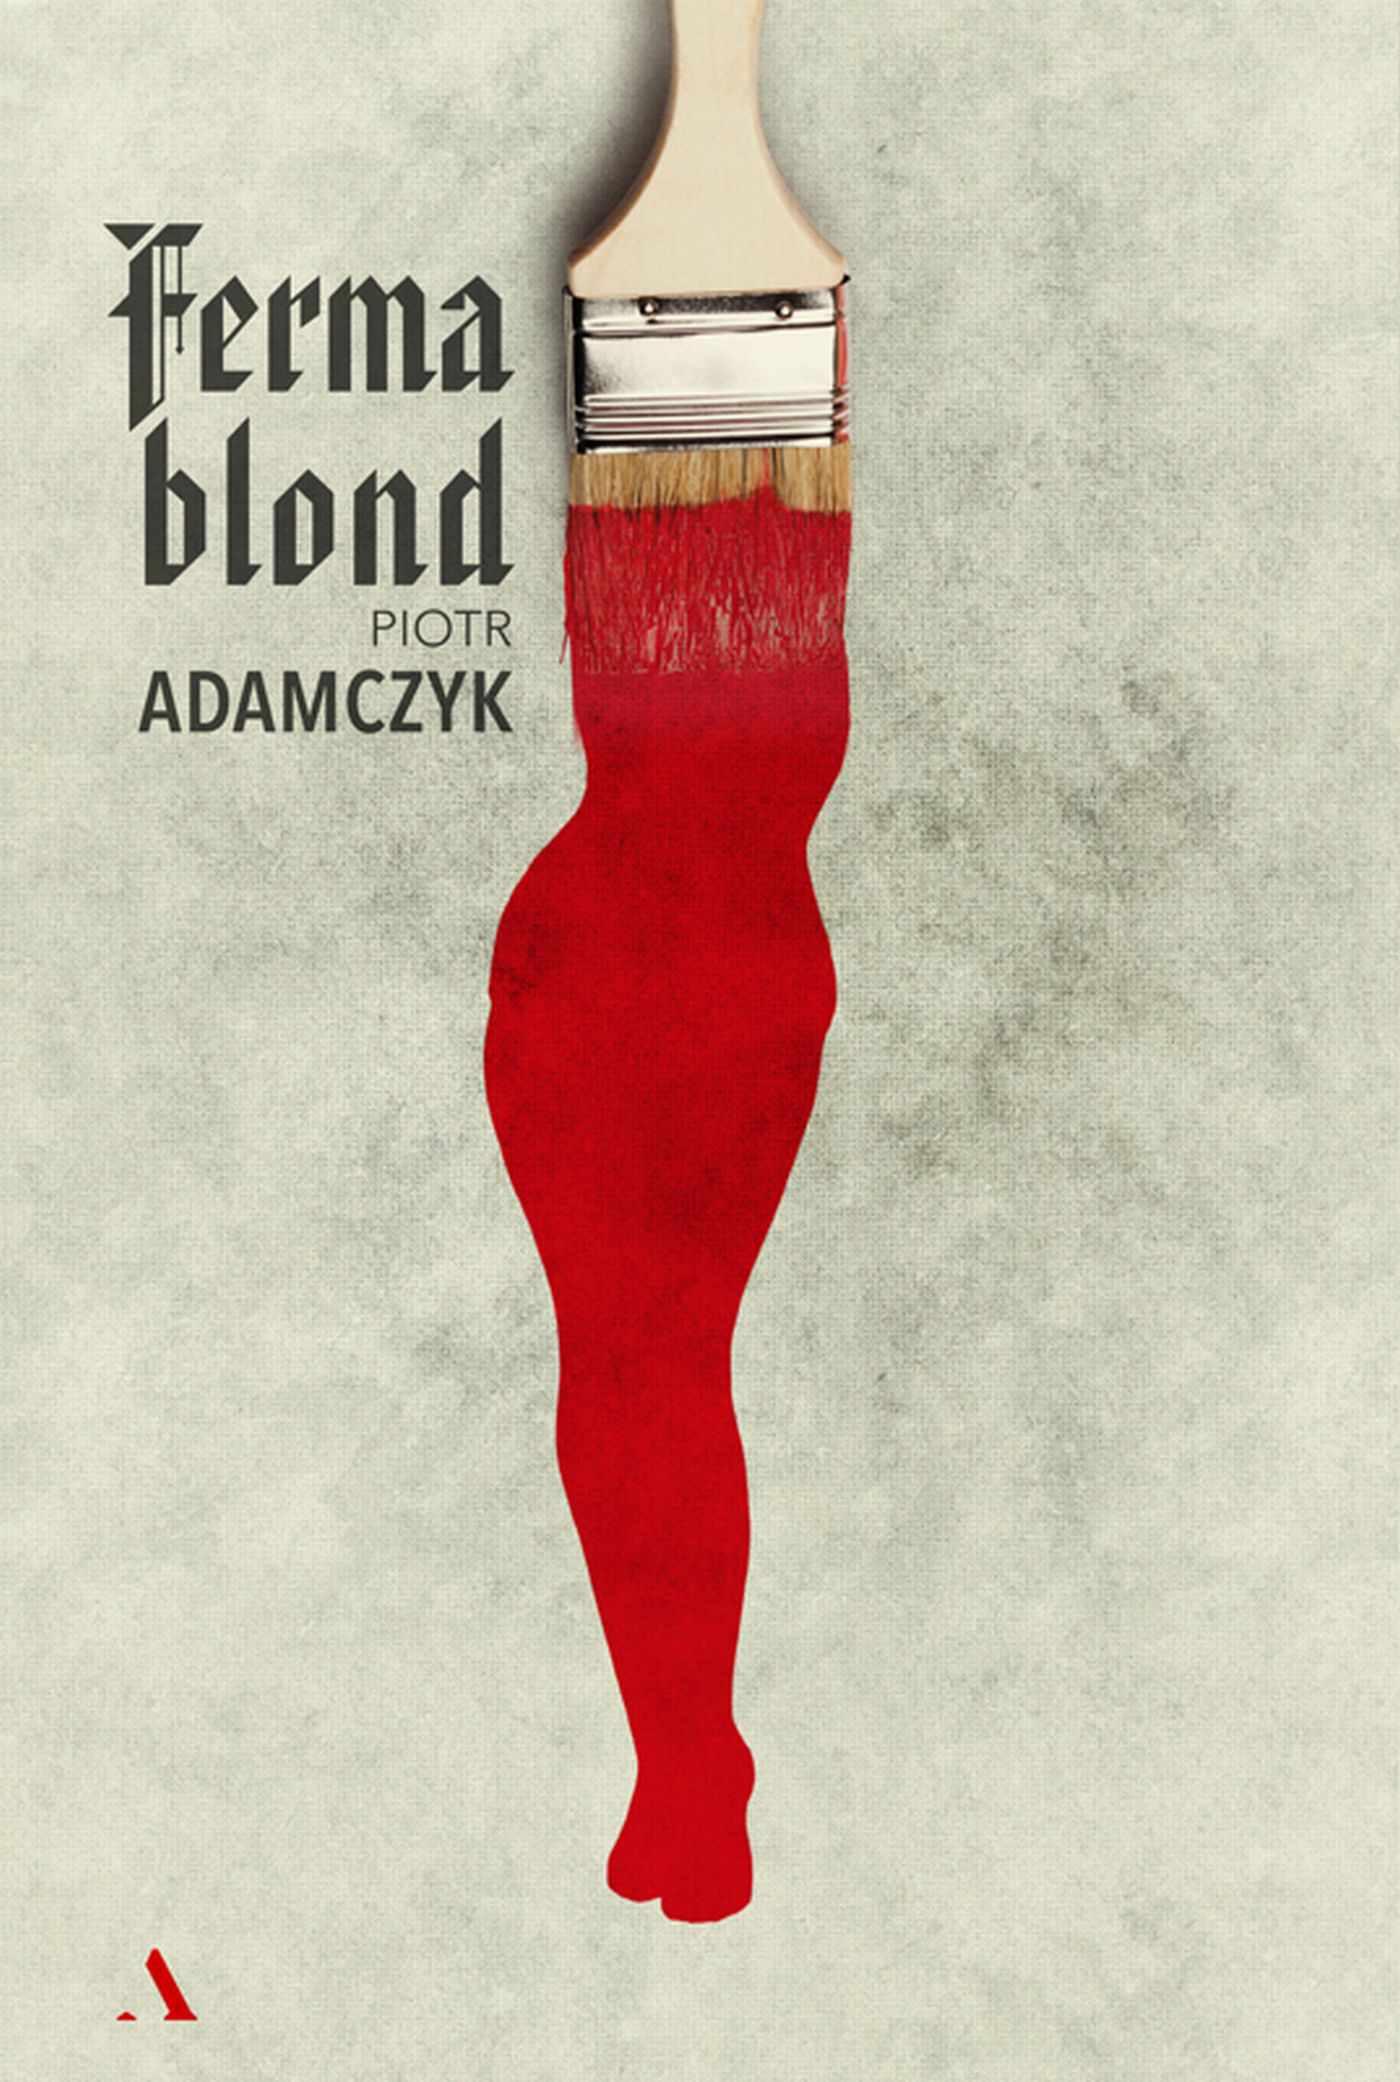 Ferma blond - Ebook (Książka EPUB) do pobrania w formacie EPUB